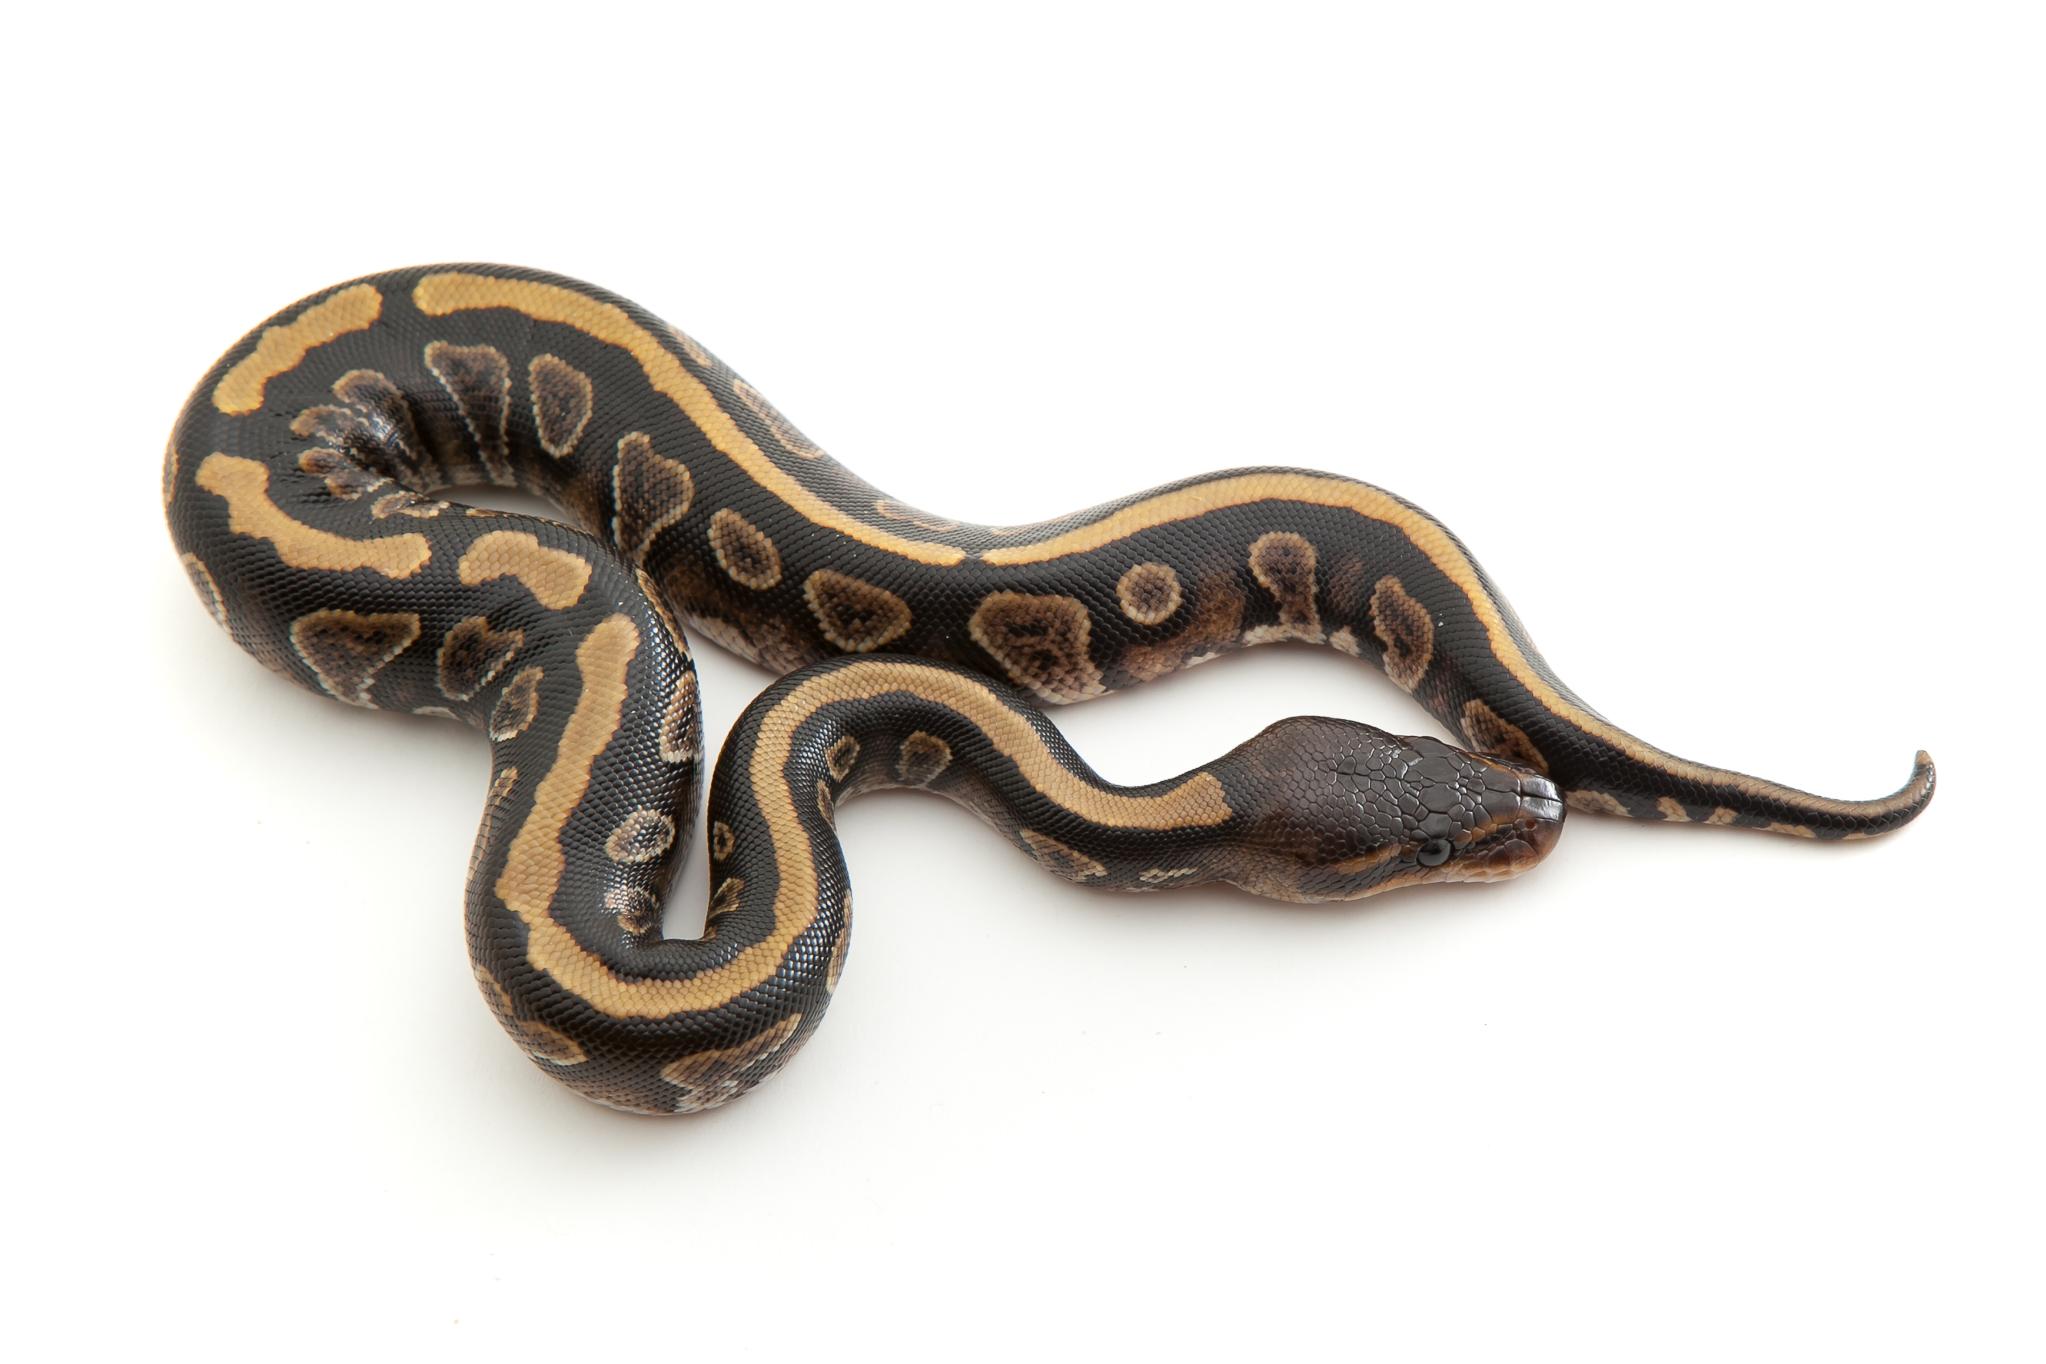 Cinder Ball Python